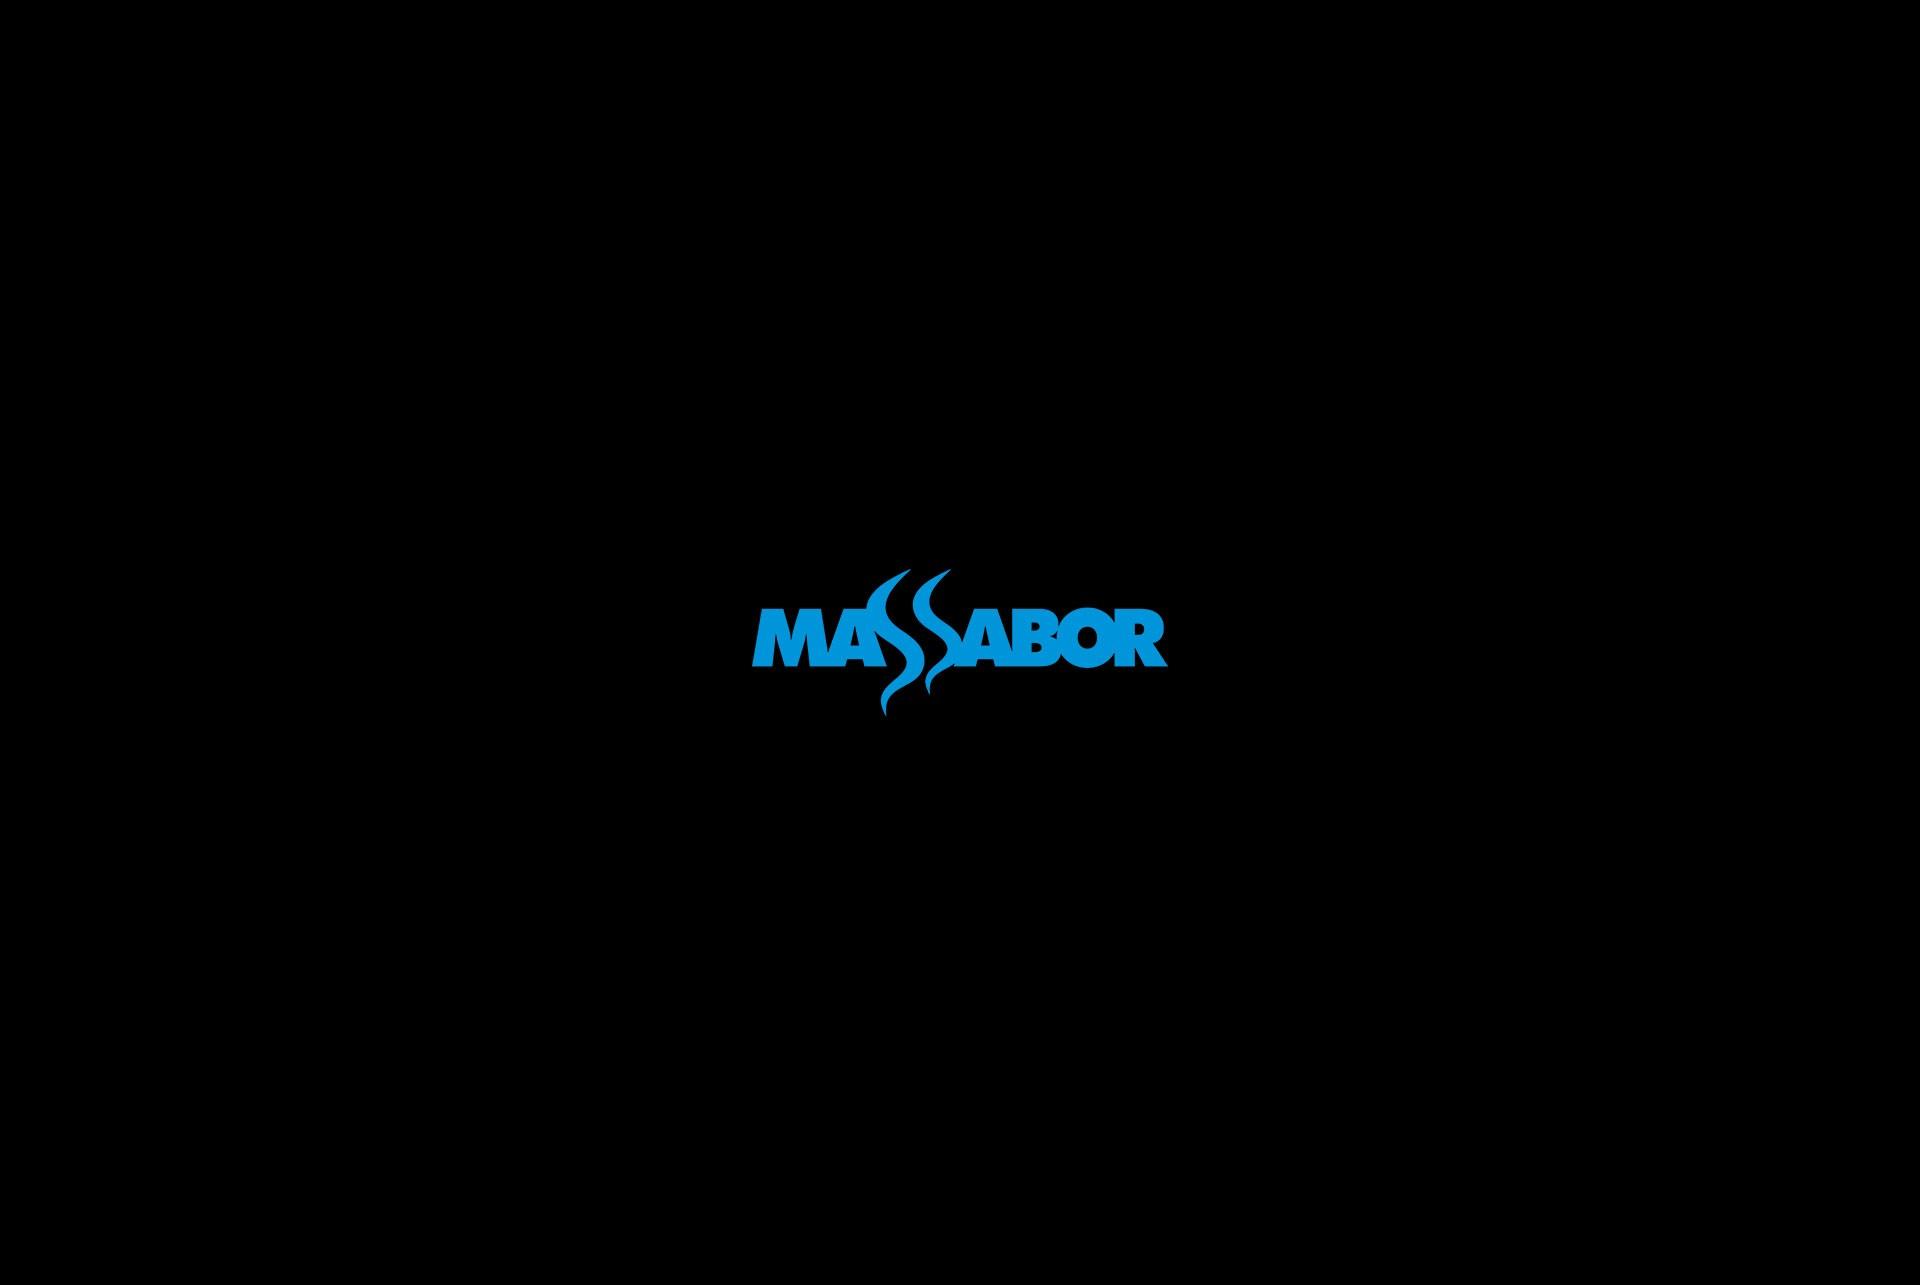 Massabor